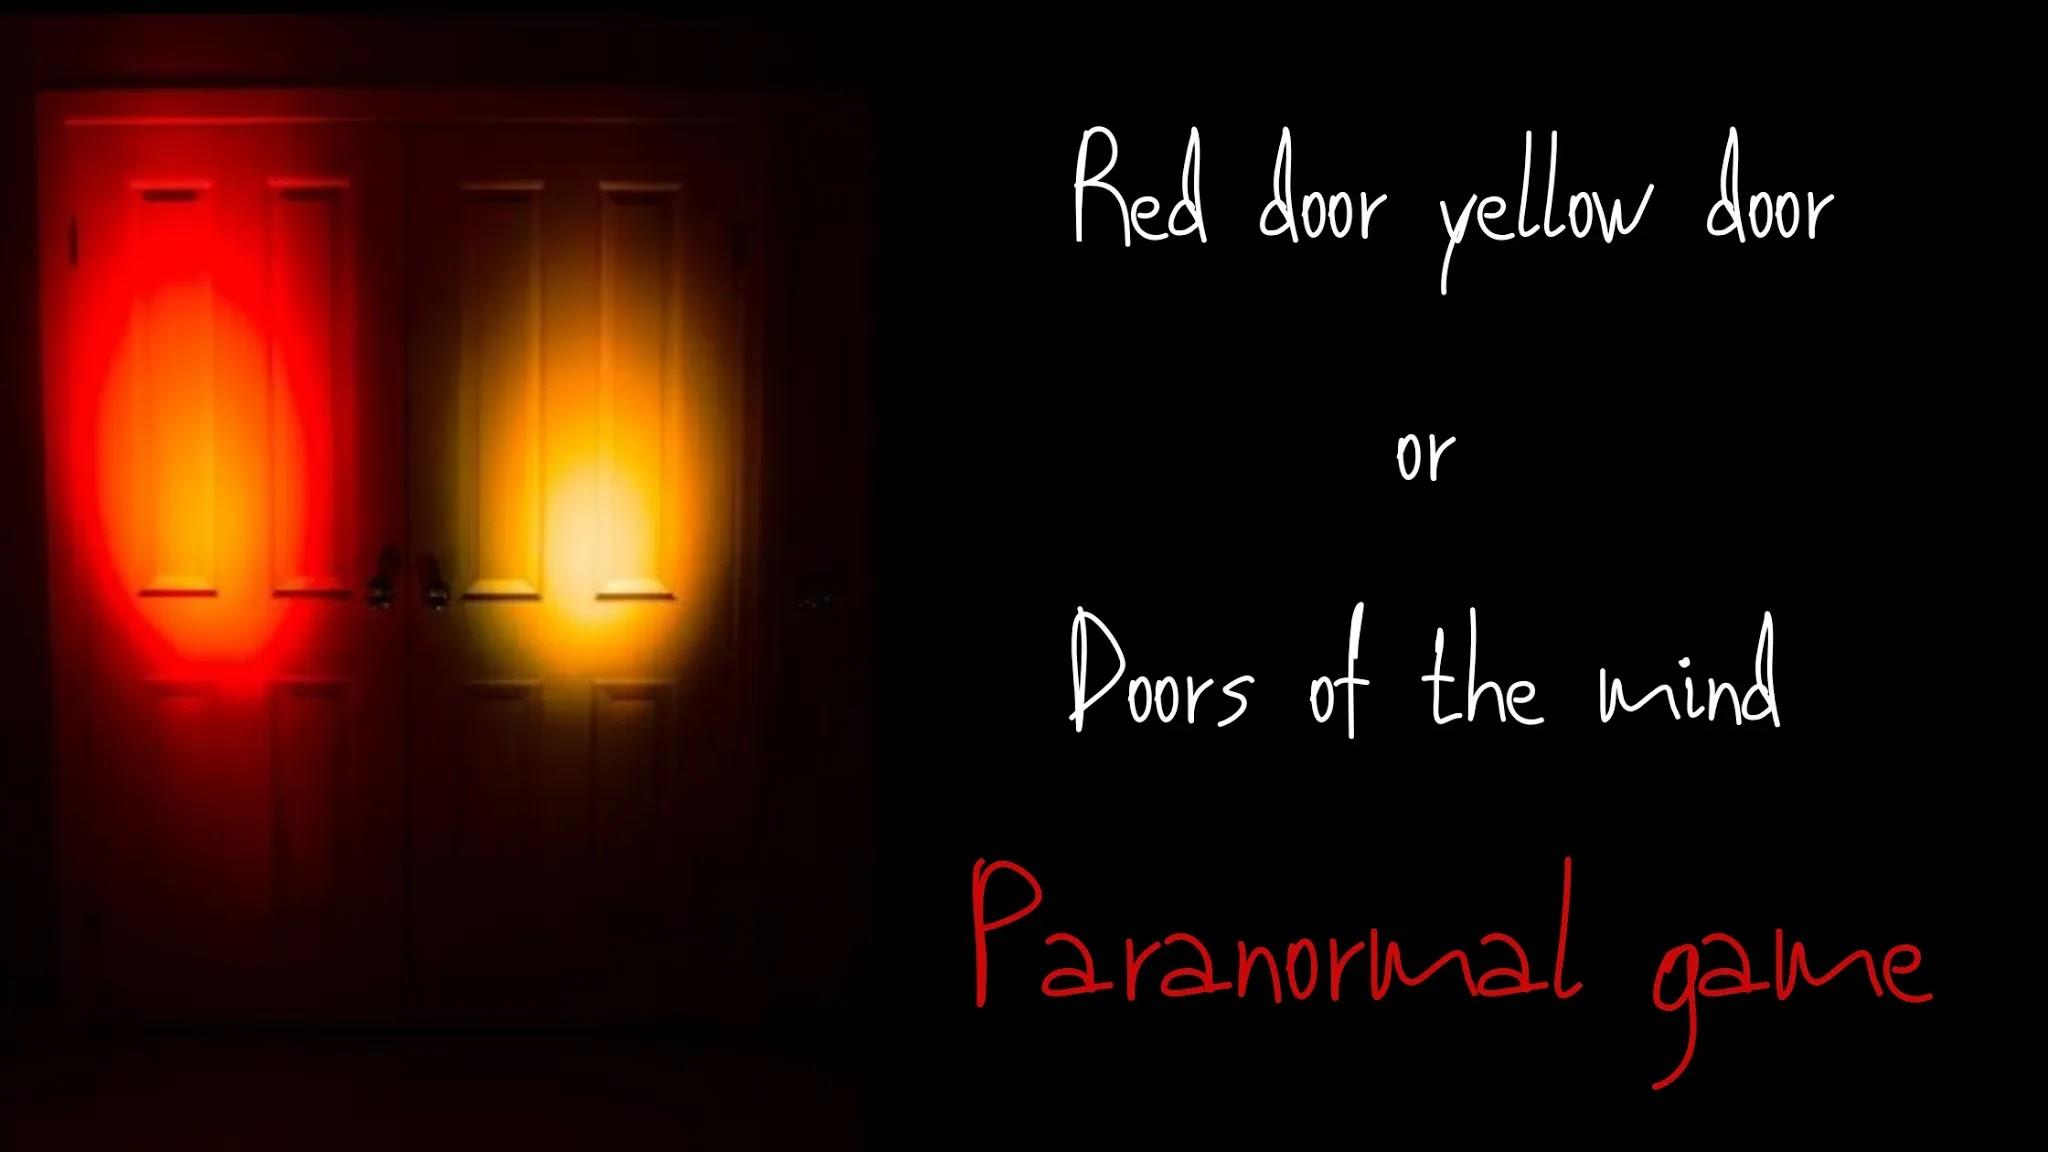 red door yellow door